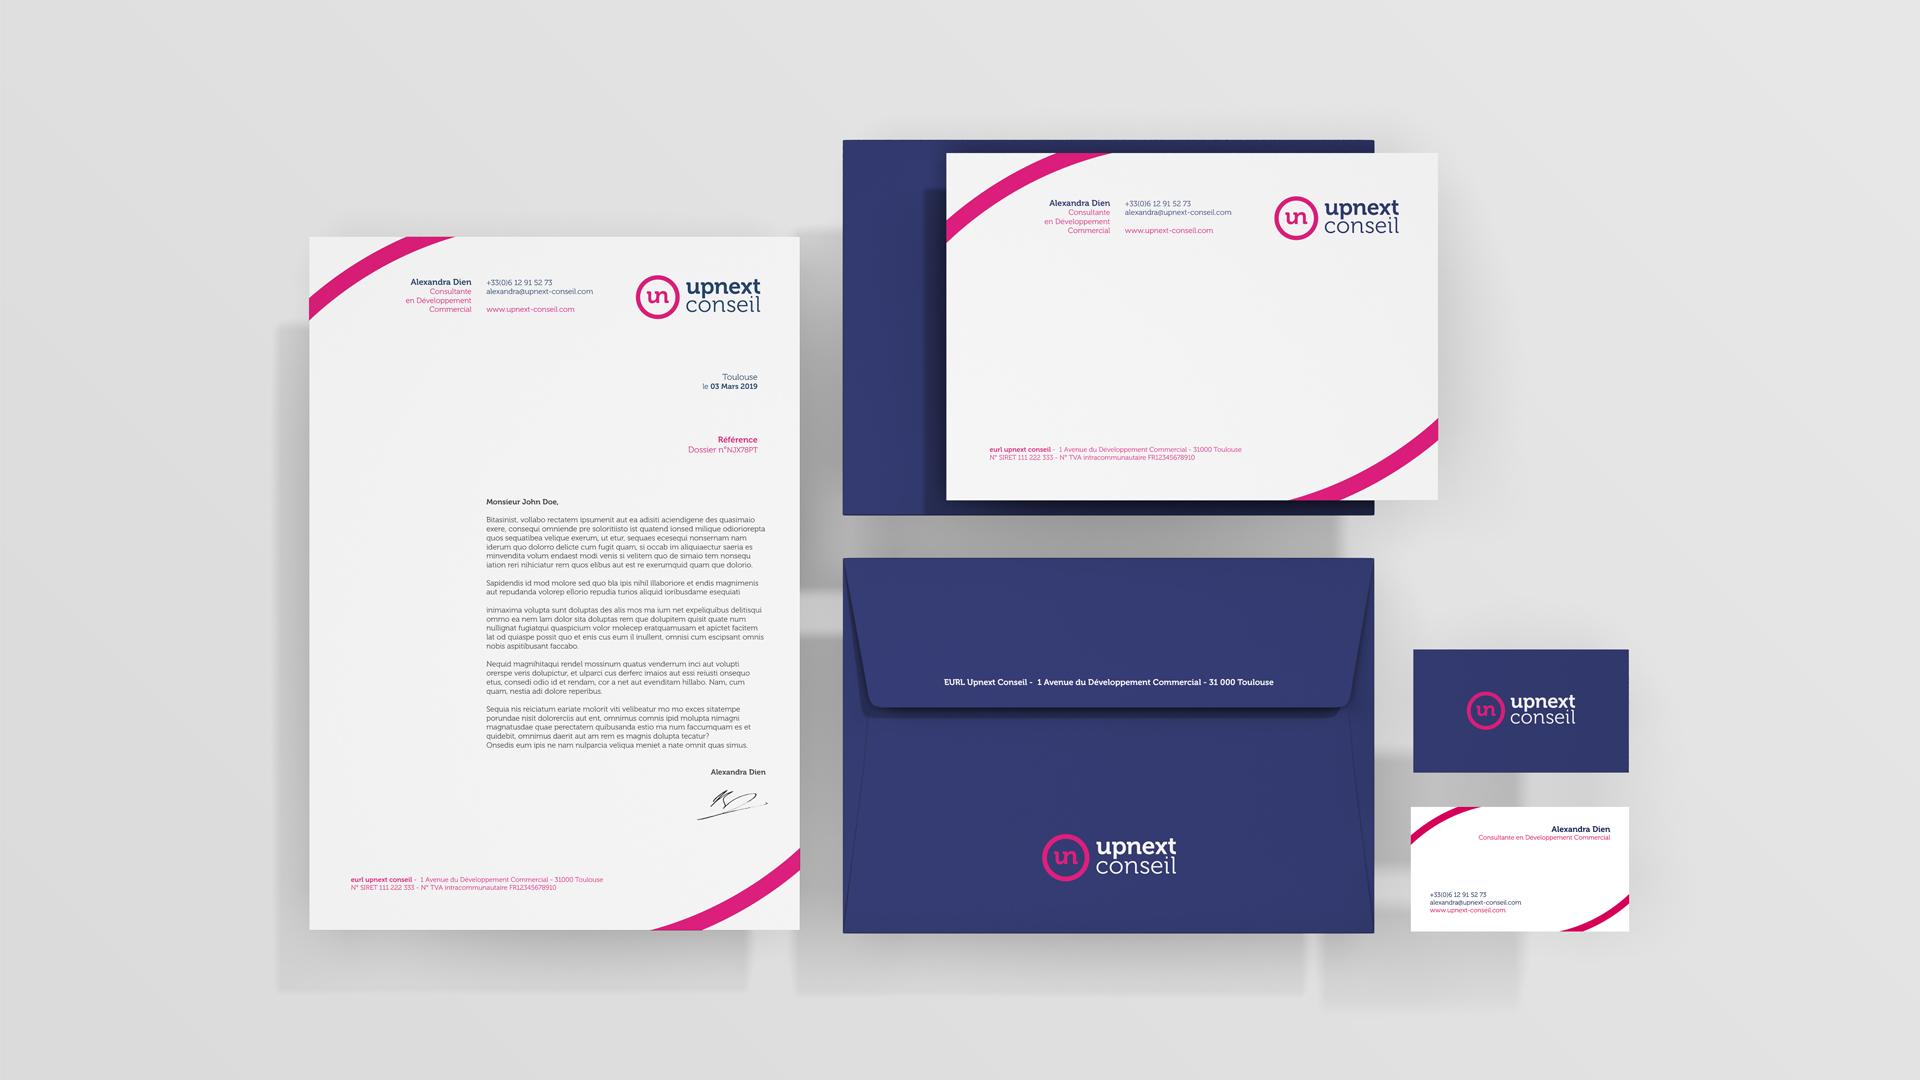 Upnext Conseil Branding - Création carte de visite, papeterie et enveloppe